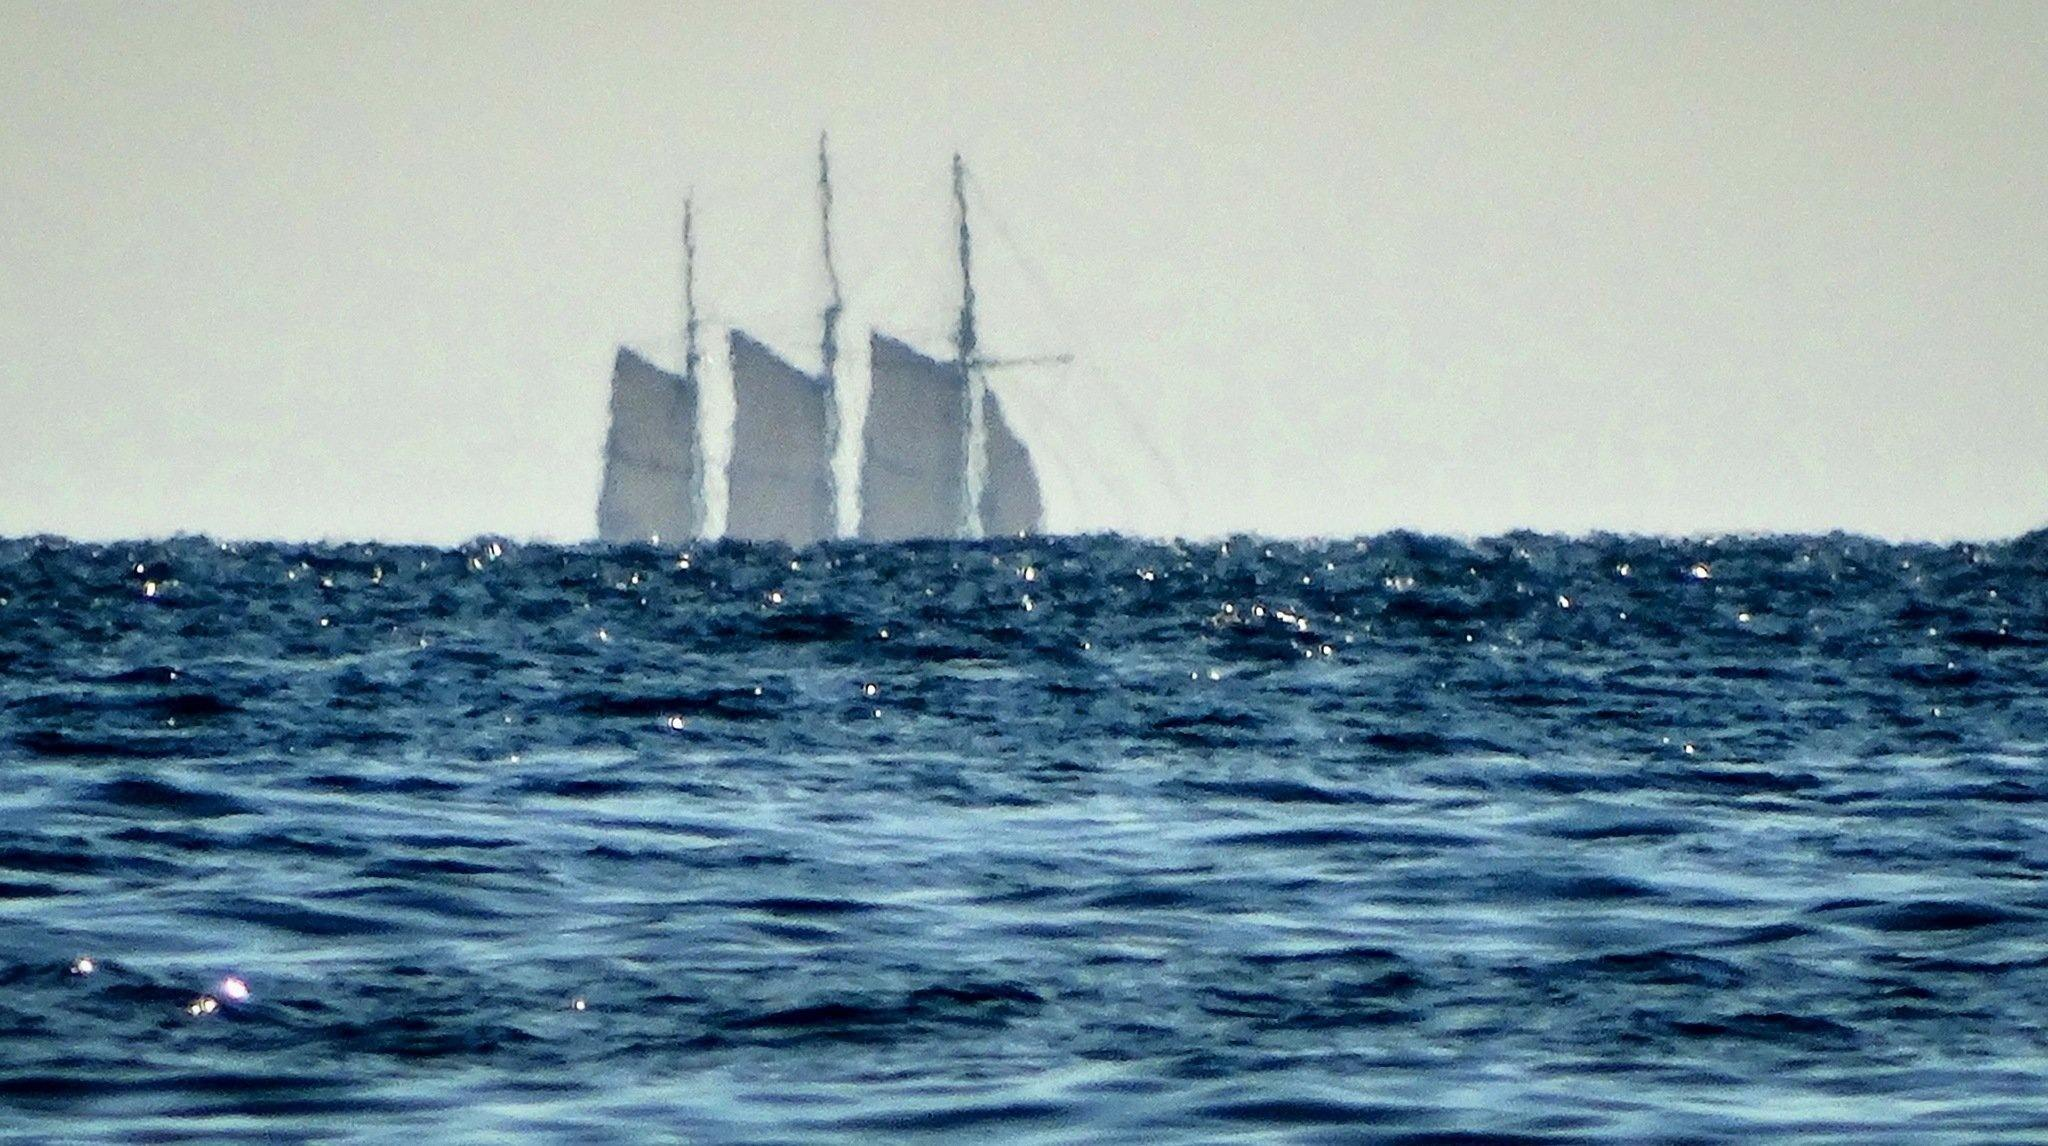 shipocean.jpeg